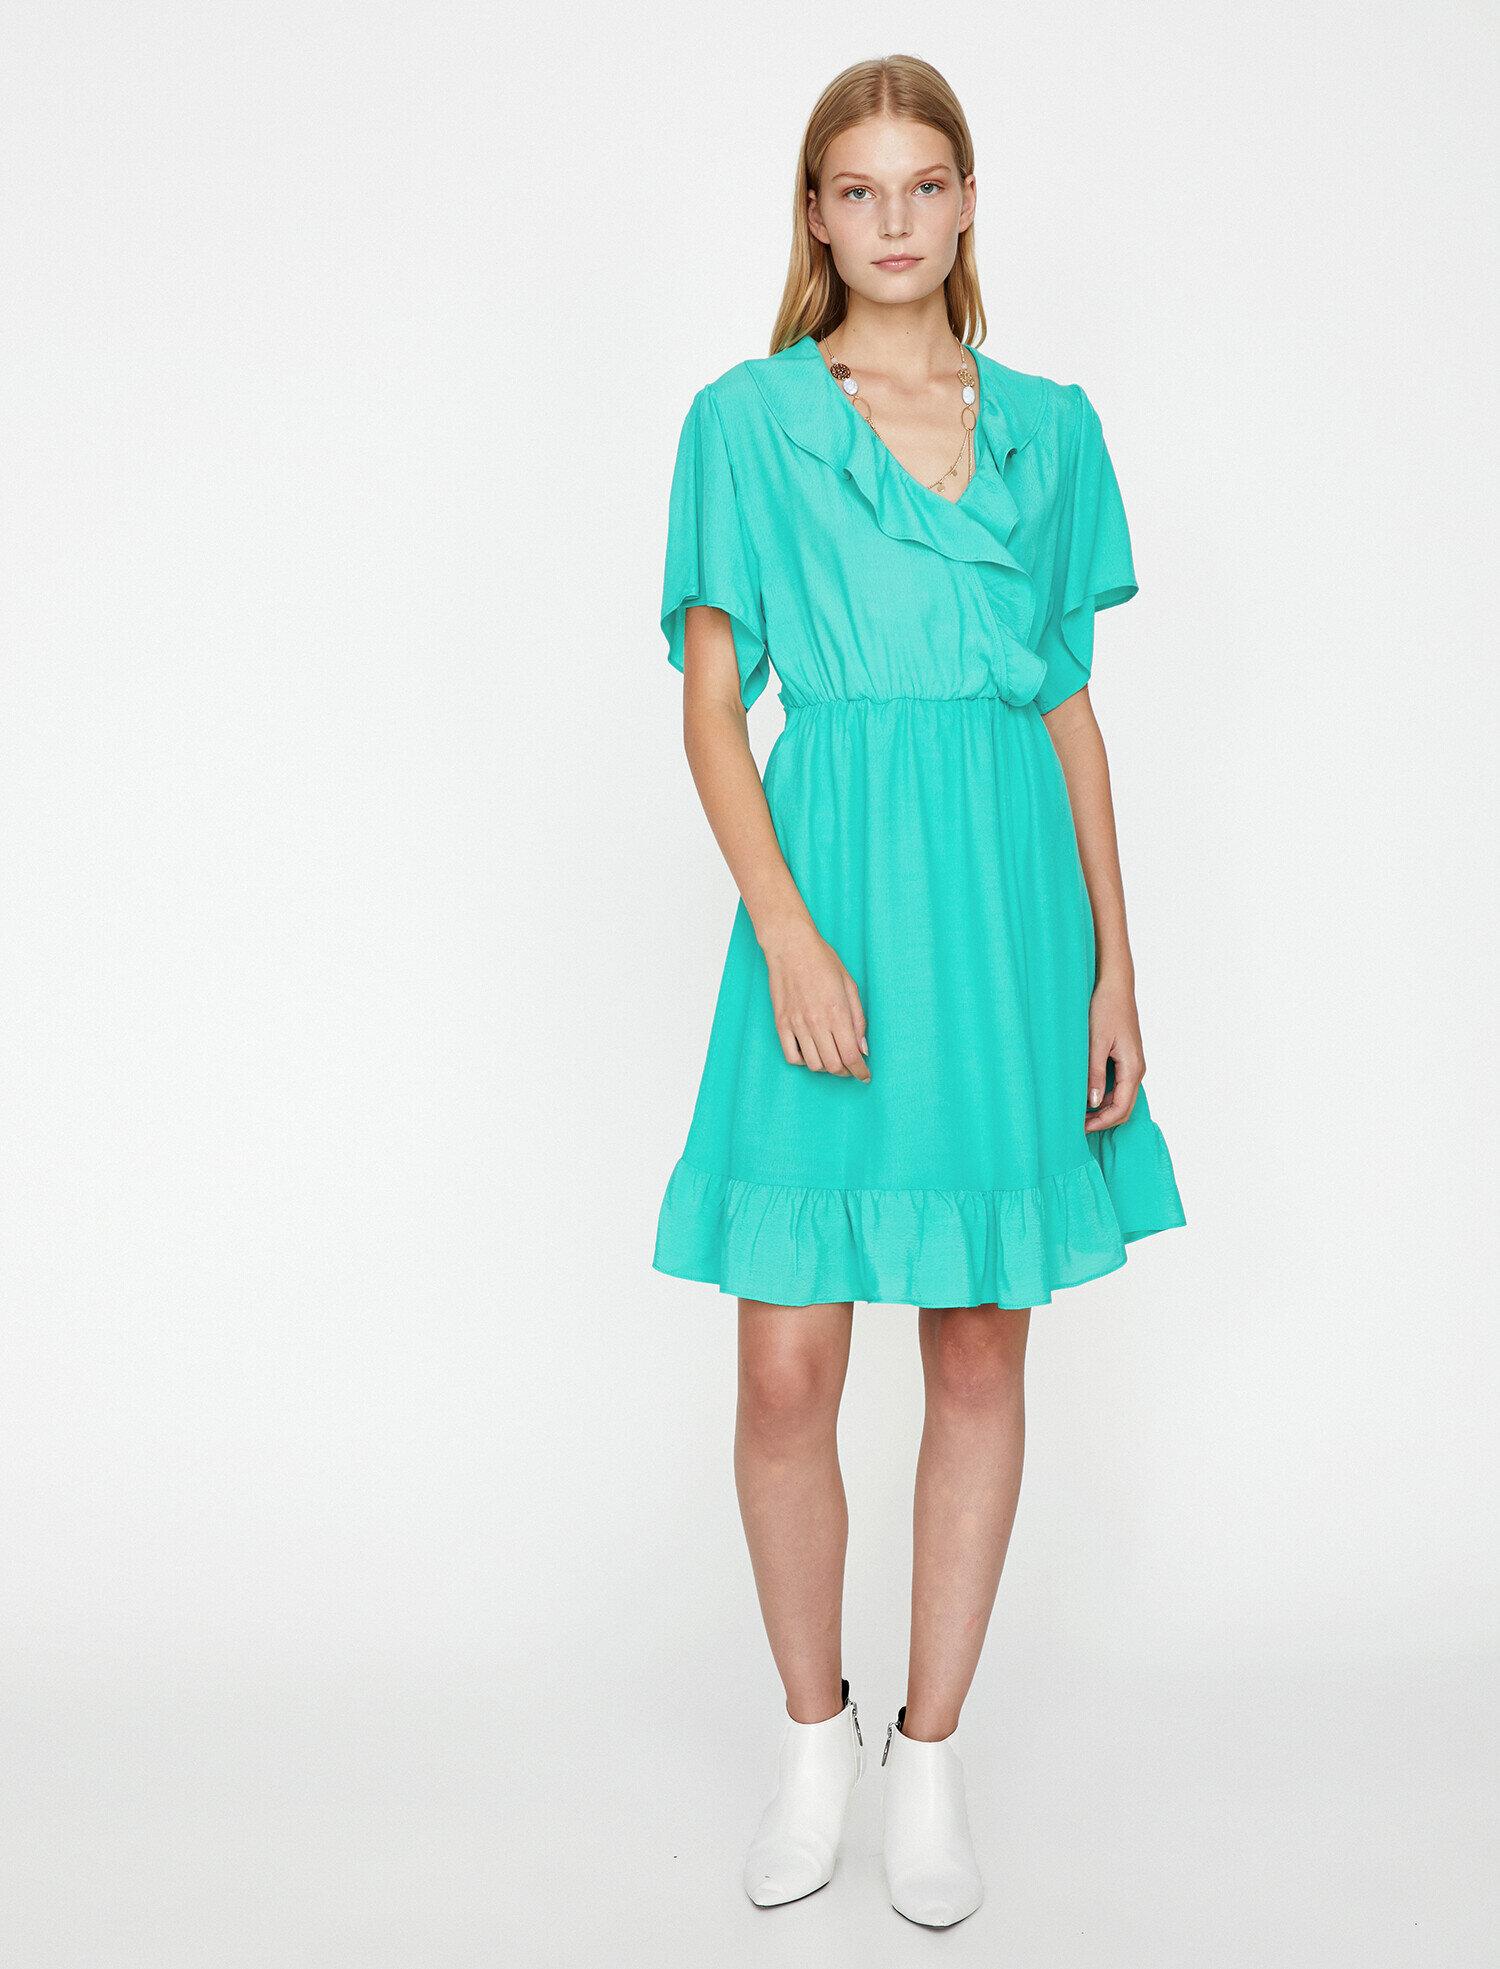 f503c7332cce7 Yeşil Bayan Desenli Elbise 9KAK88816PW803 | Koton